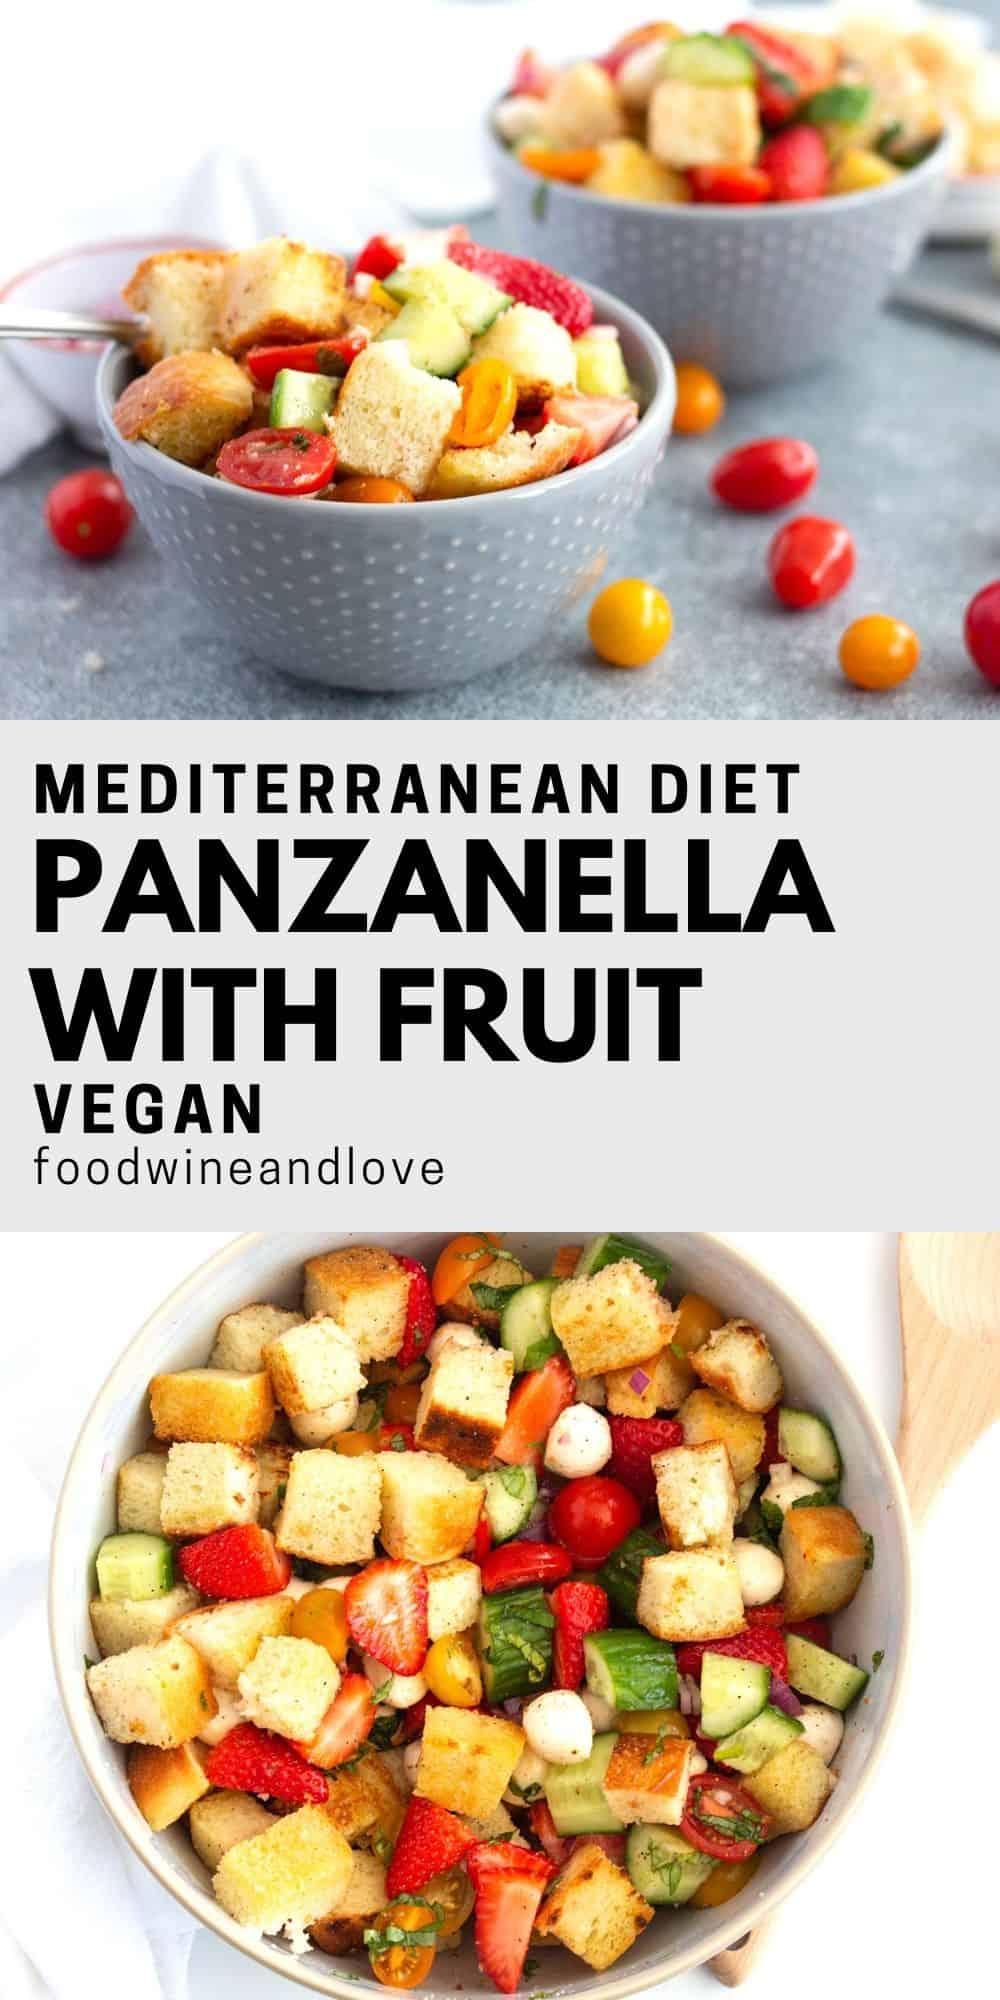 Mediterranean Diet Panzanella With Fruit